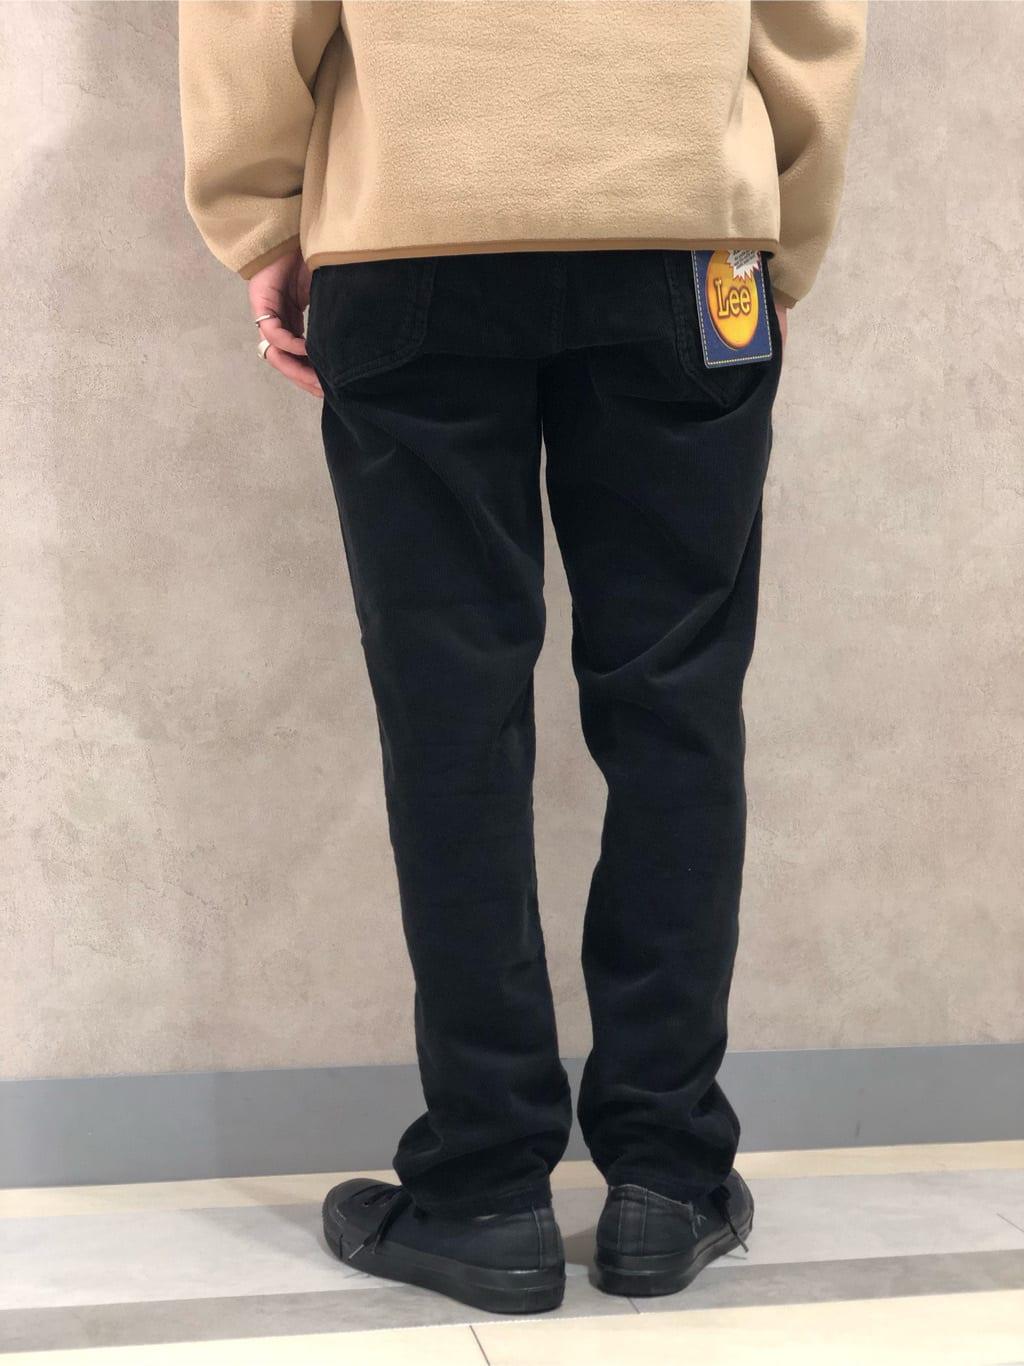 Lee 名古屋店のTakayaさんのLeeの【ユニセックス】あったかフリース プルオーバーを使ったコーディネート